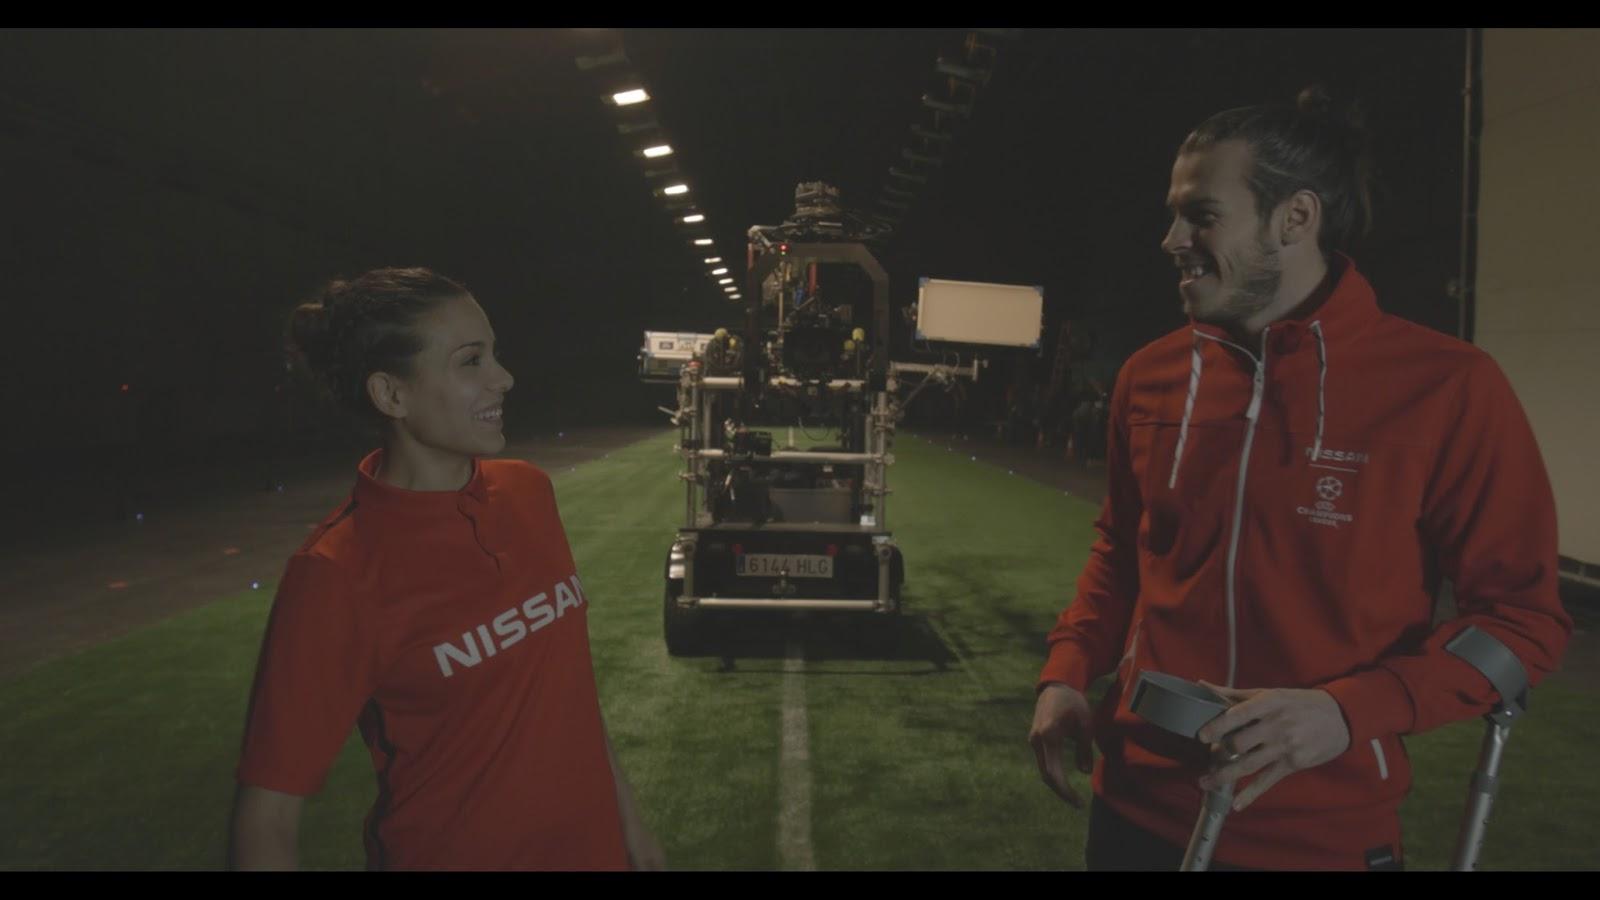 426182829 Αναγκαστική αλλαγή του τραυματία Gareth Bale με μια… 24χρονη αρτοποιό! Fun, Nissan, Sports, UEFA Champions League, videos